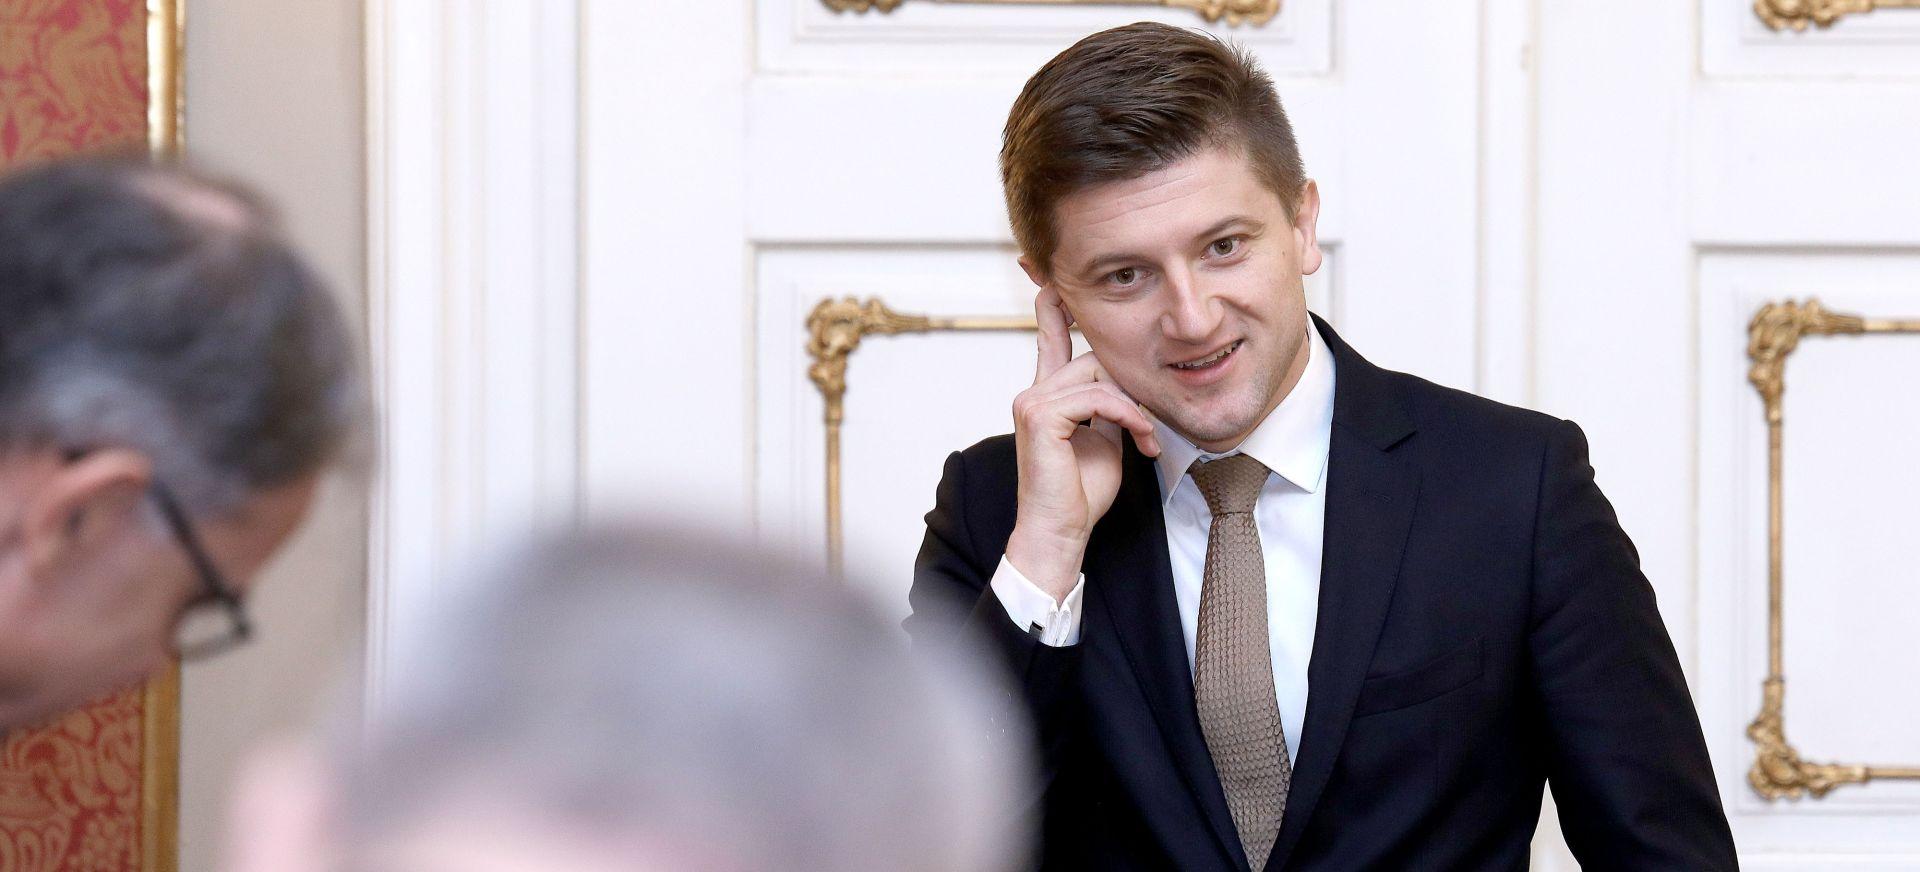 """MARIĆ MOGUĆI KANDIDAT HDZ-A ZA ZAGREB? Mrak Taritaš: """"Preskočit će sigurno 9,99 posto"""""""